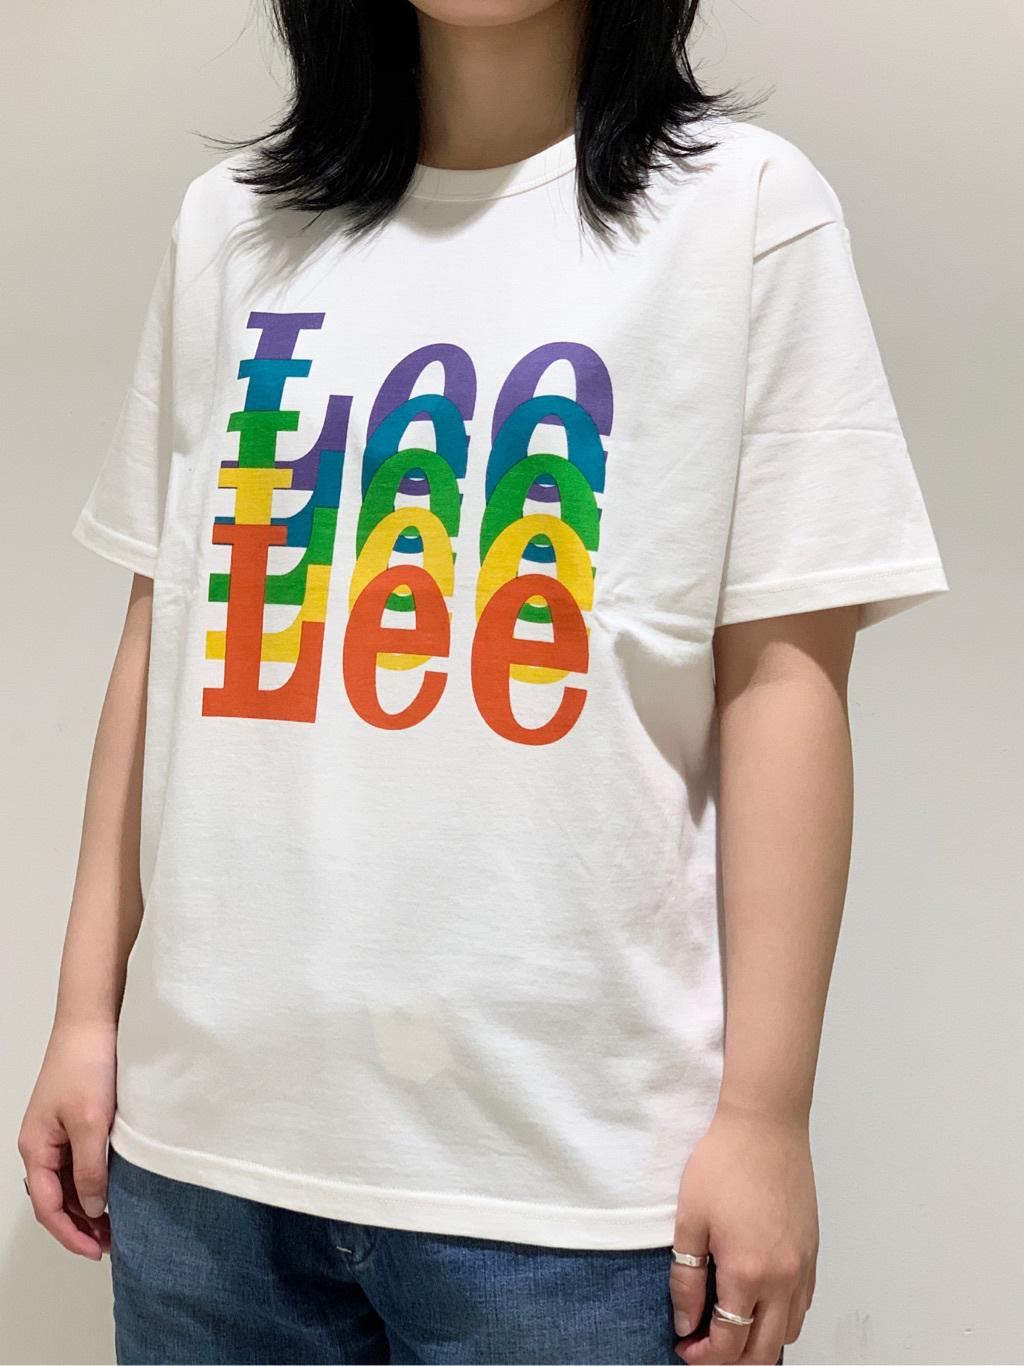 Lee 名古屋店の千さんのLeeの【ユニセックス】DUNGAREES ペインターパンツを使ったコーディネート